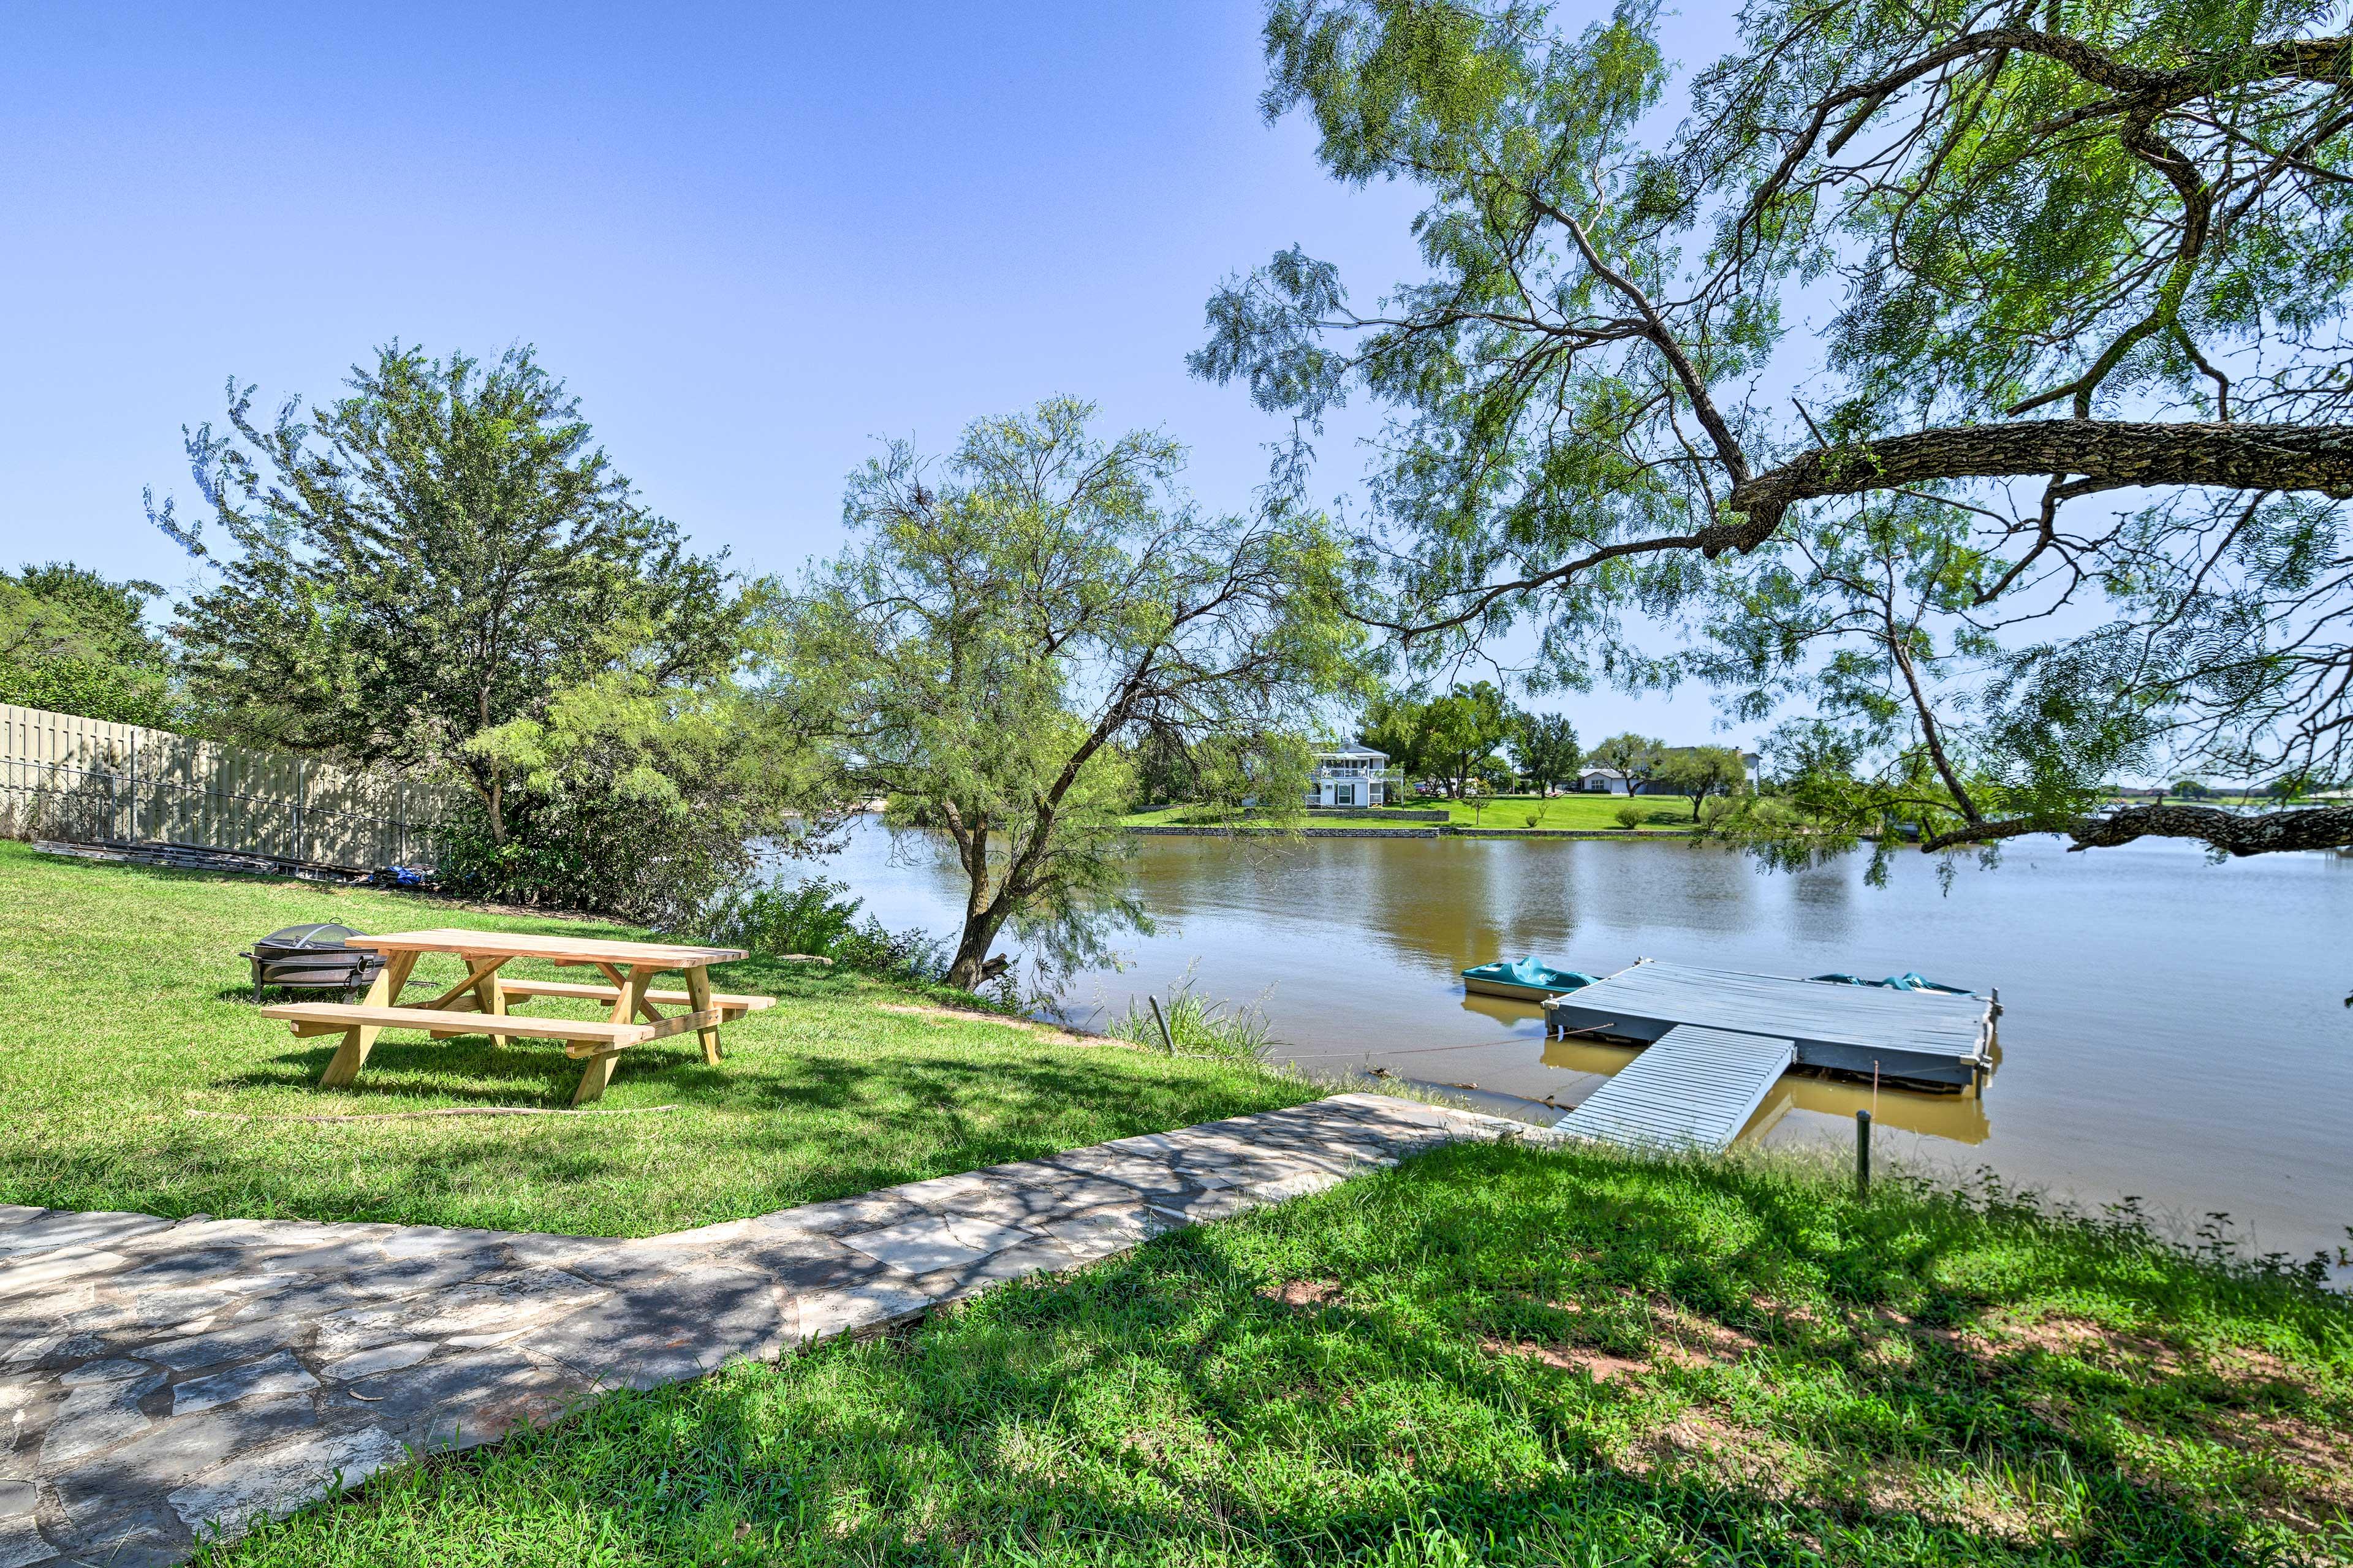 Granbury Lake Vacation Rental | 4BR | 2.5BA | 2 Stories | 2,980 Sq Ft